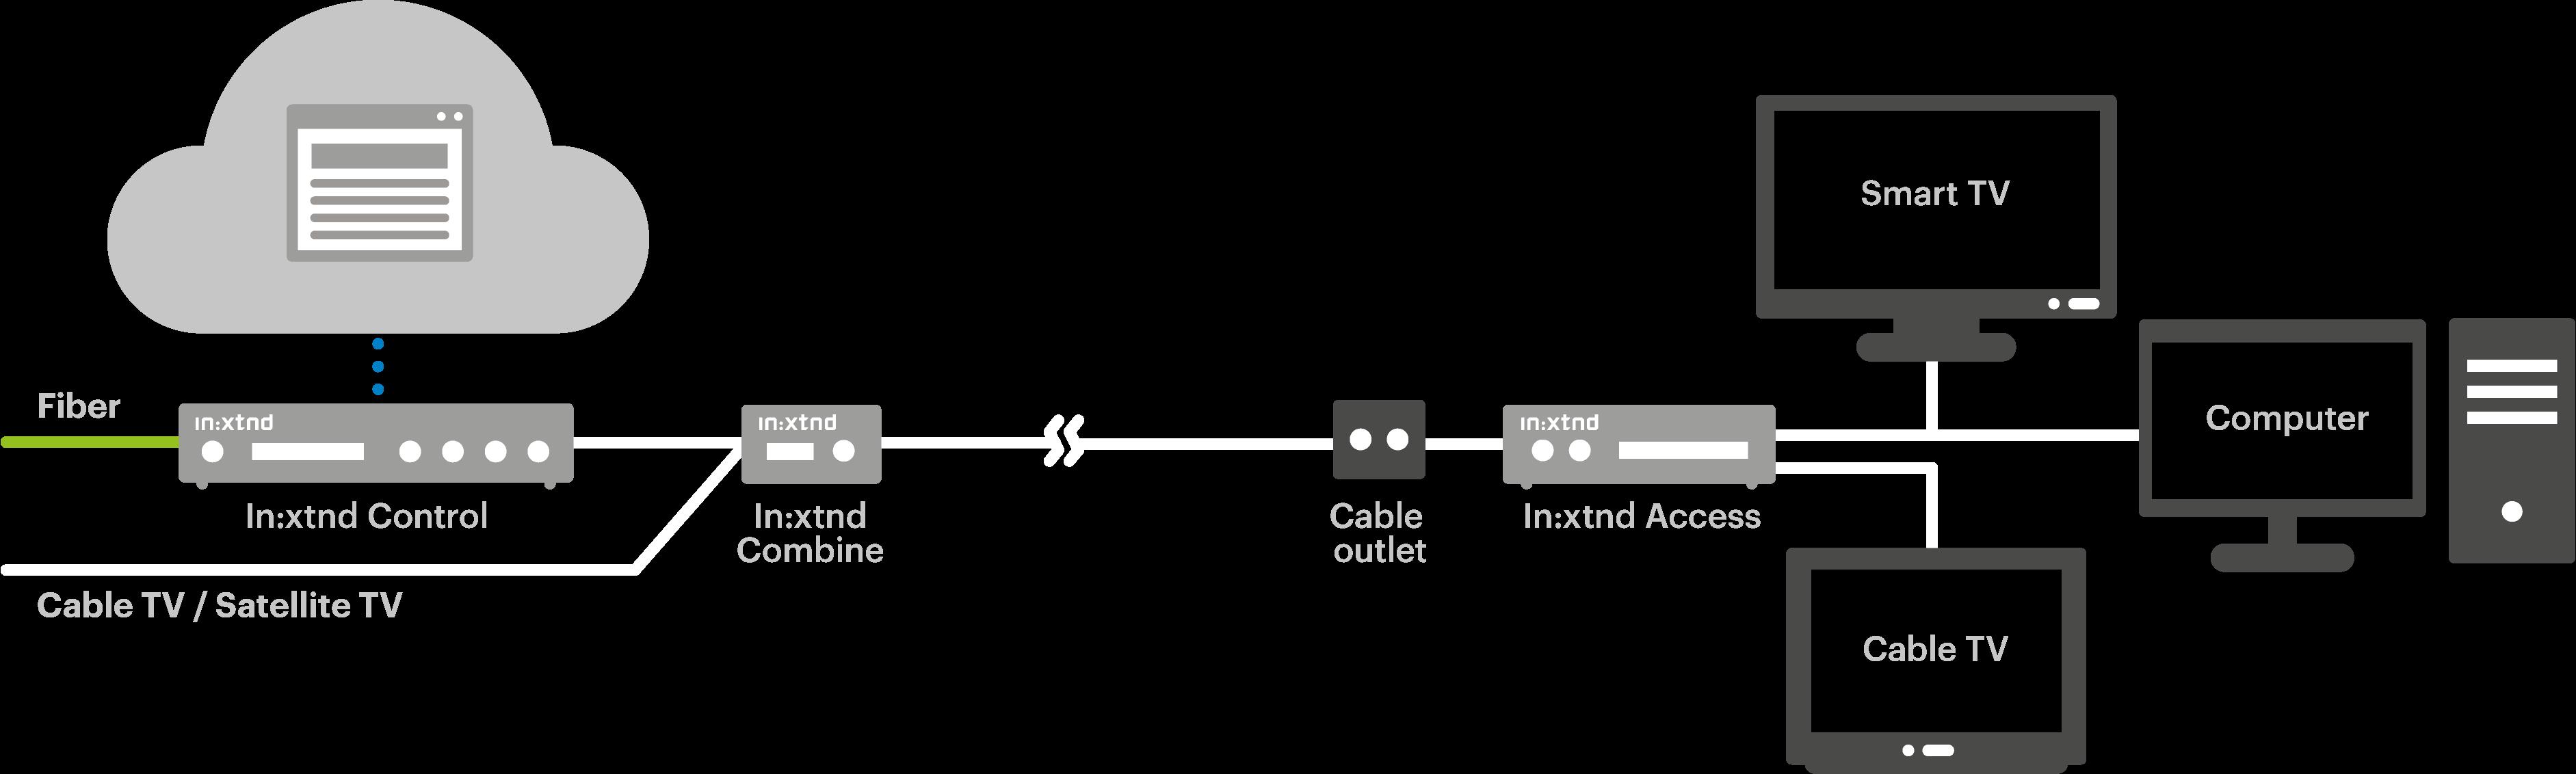 incoax_illustration_flow model_3b_ENG